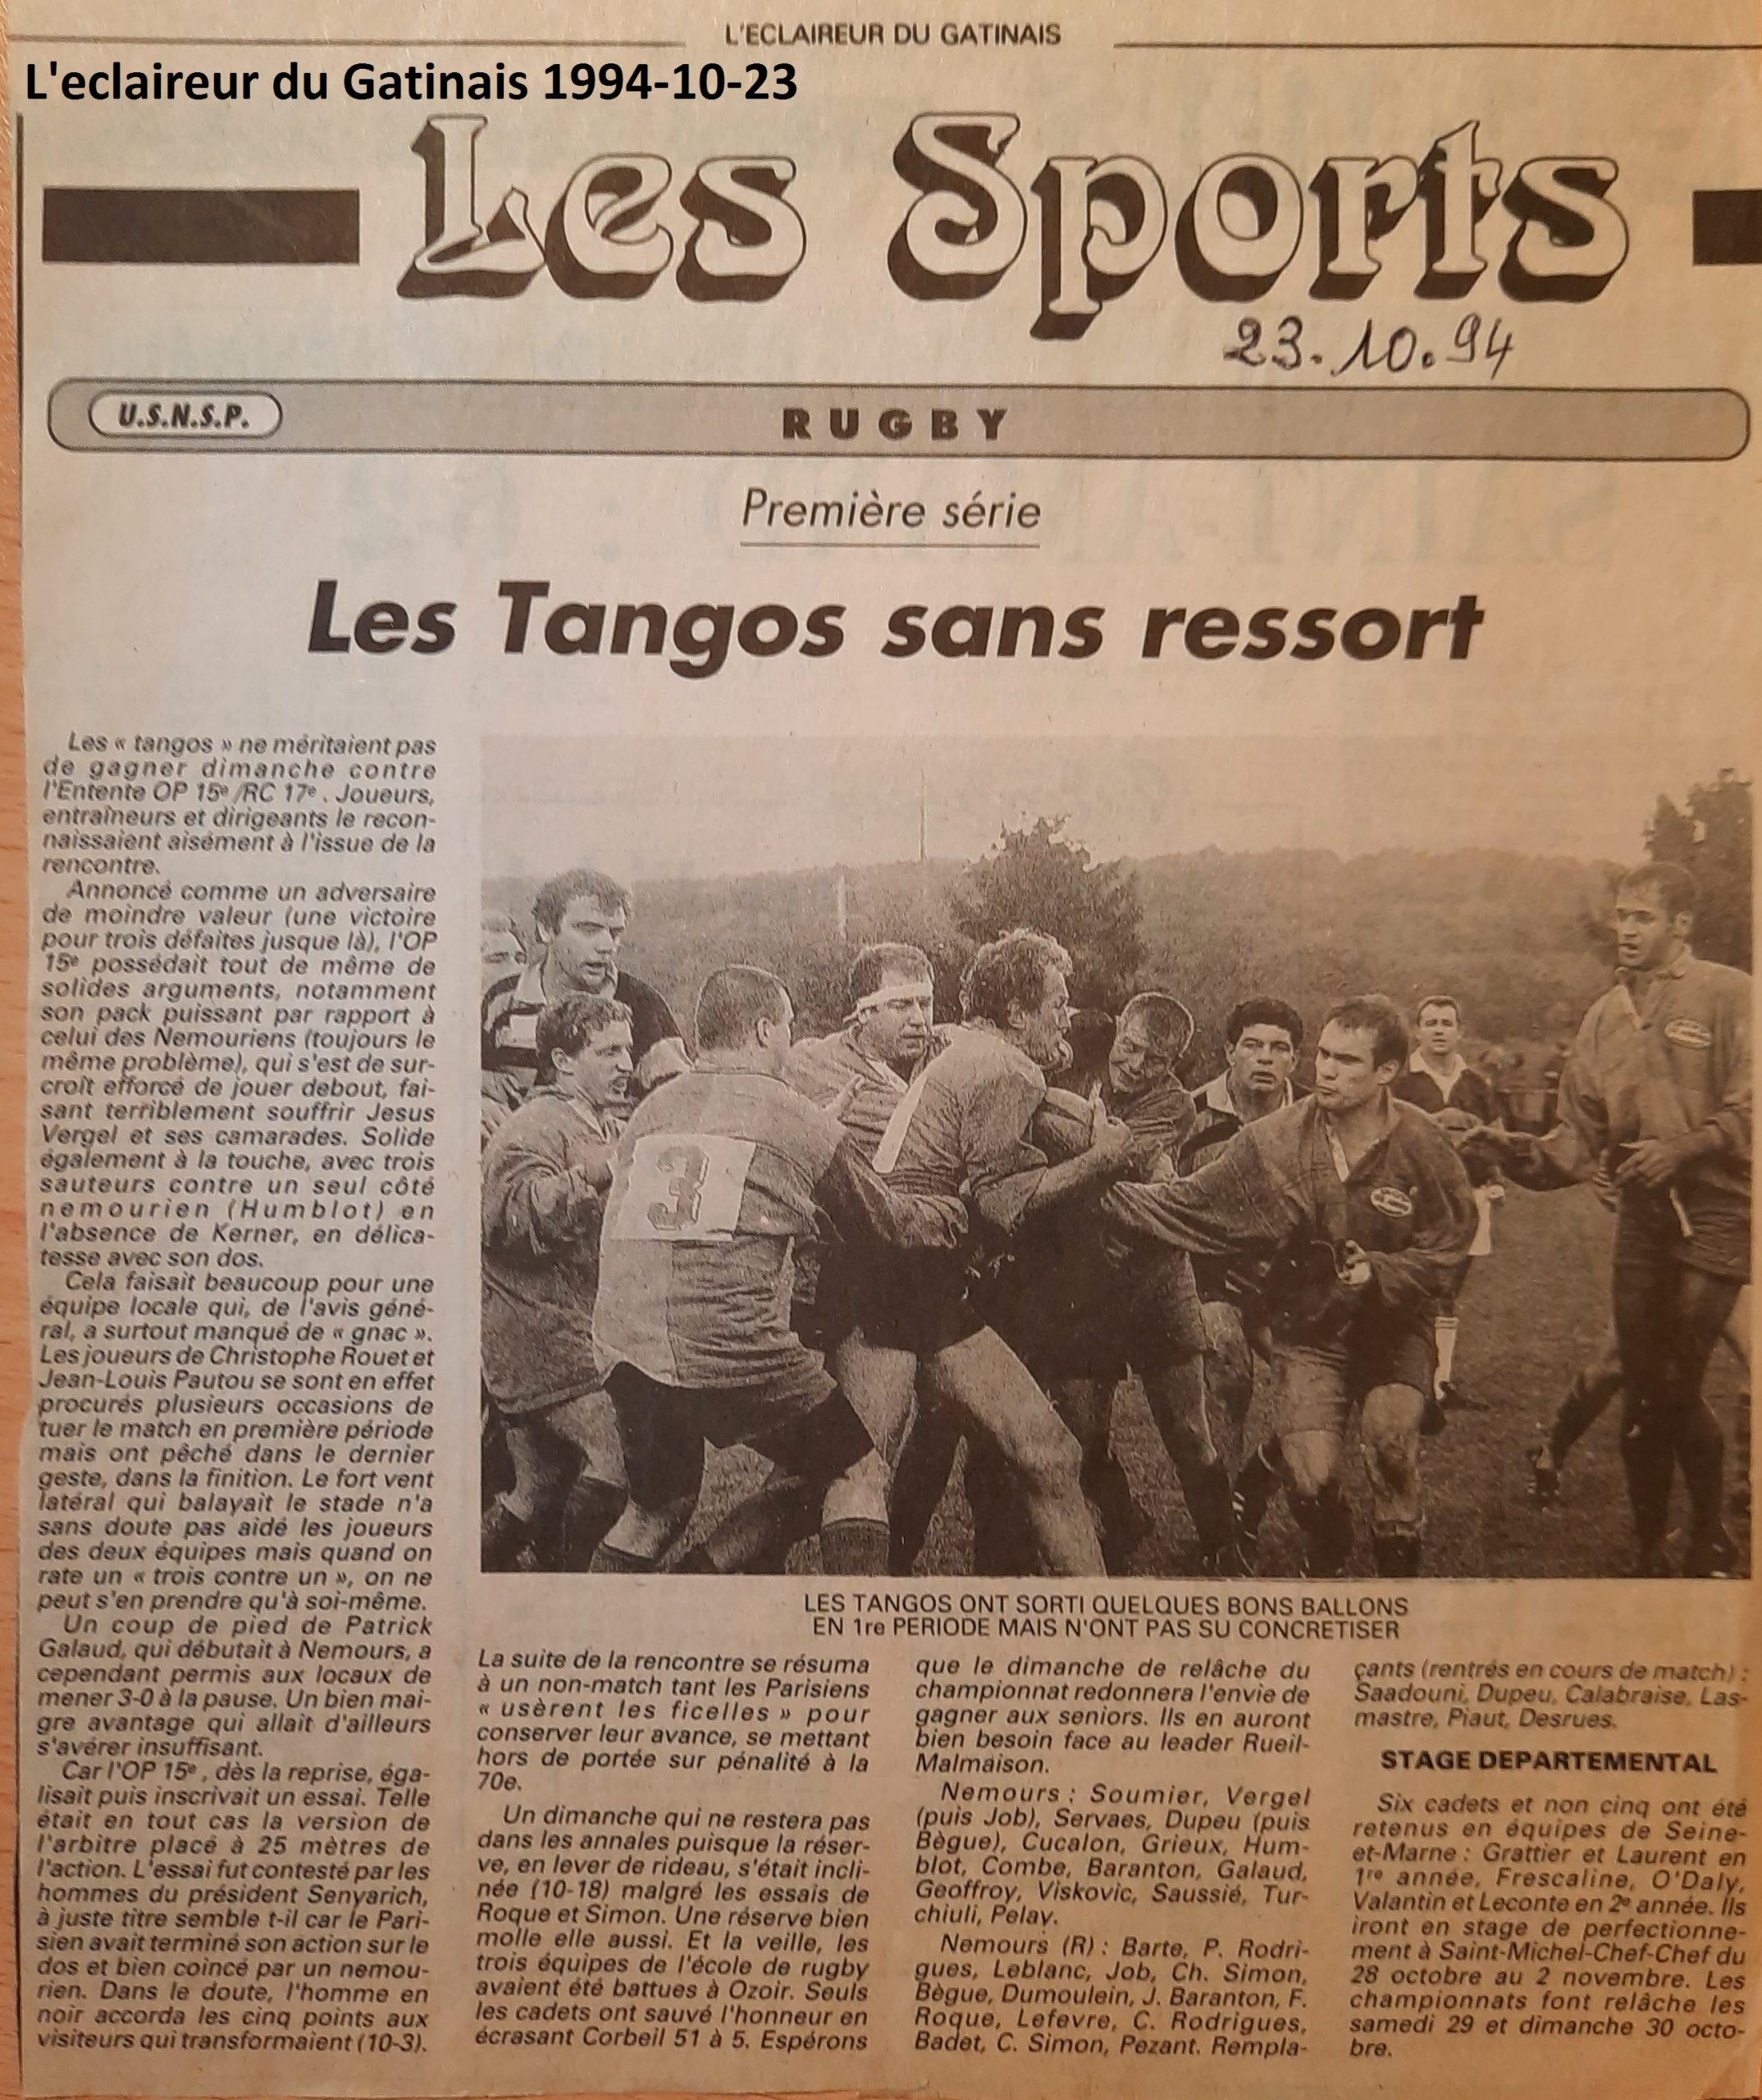 Eclaireur du Gâtinais 1994-10-23